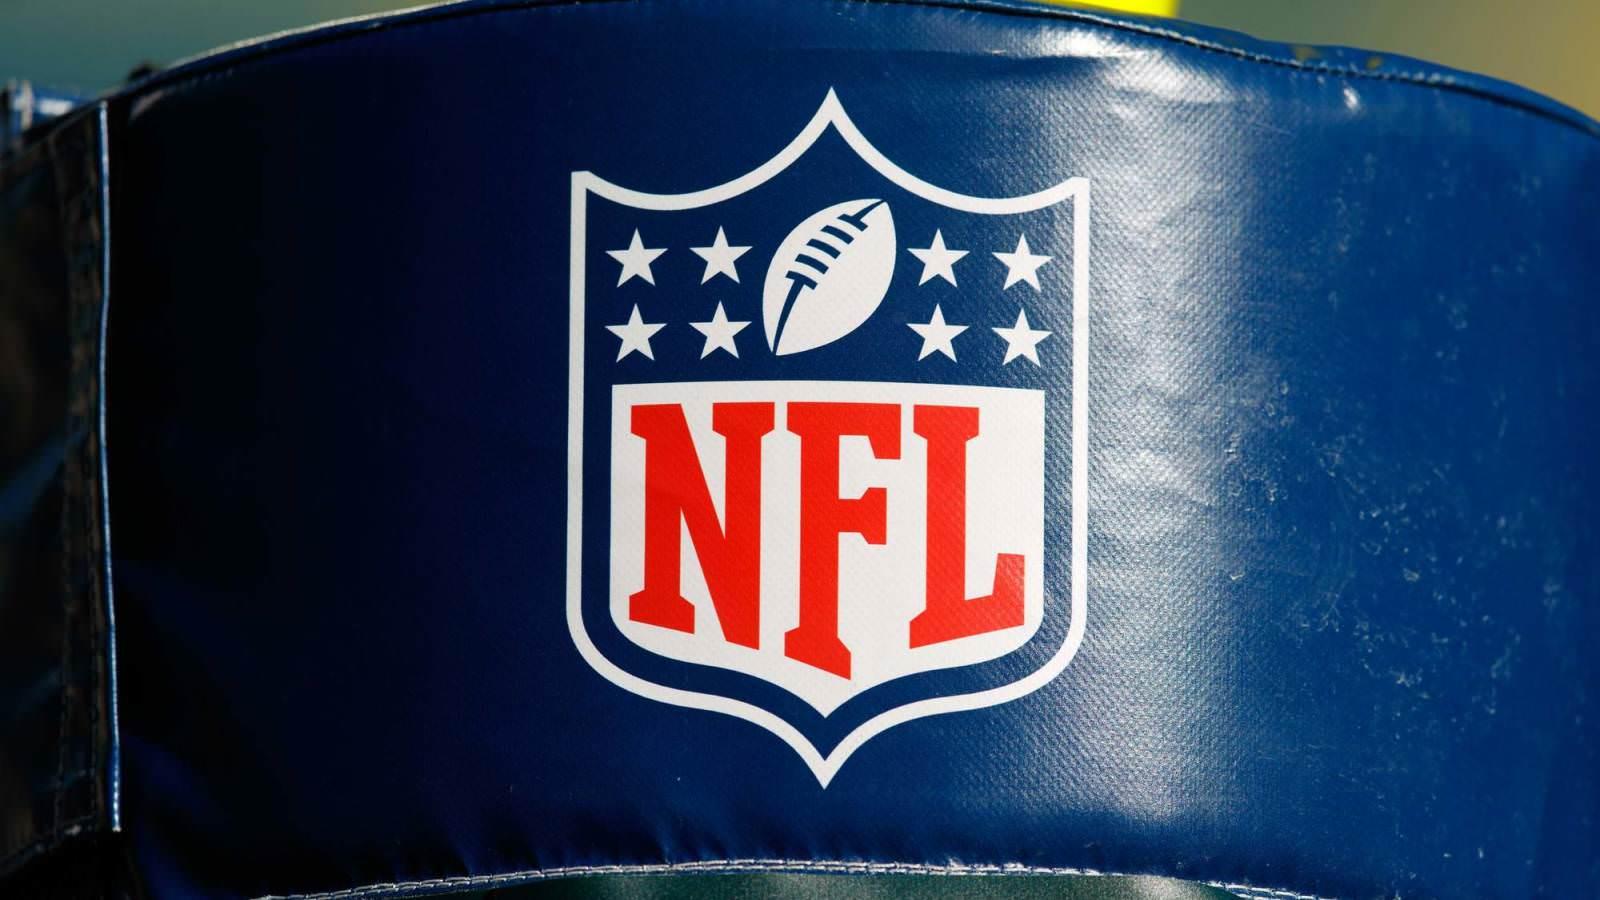 Liga discute o encurtamento da pré-temporada da NFL após 2020